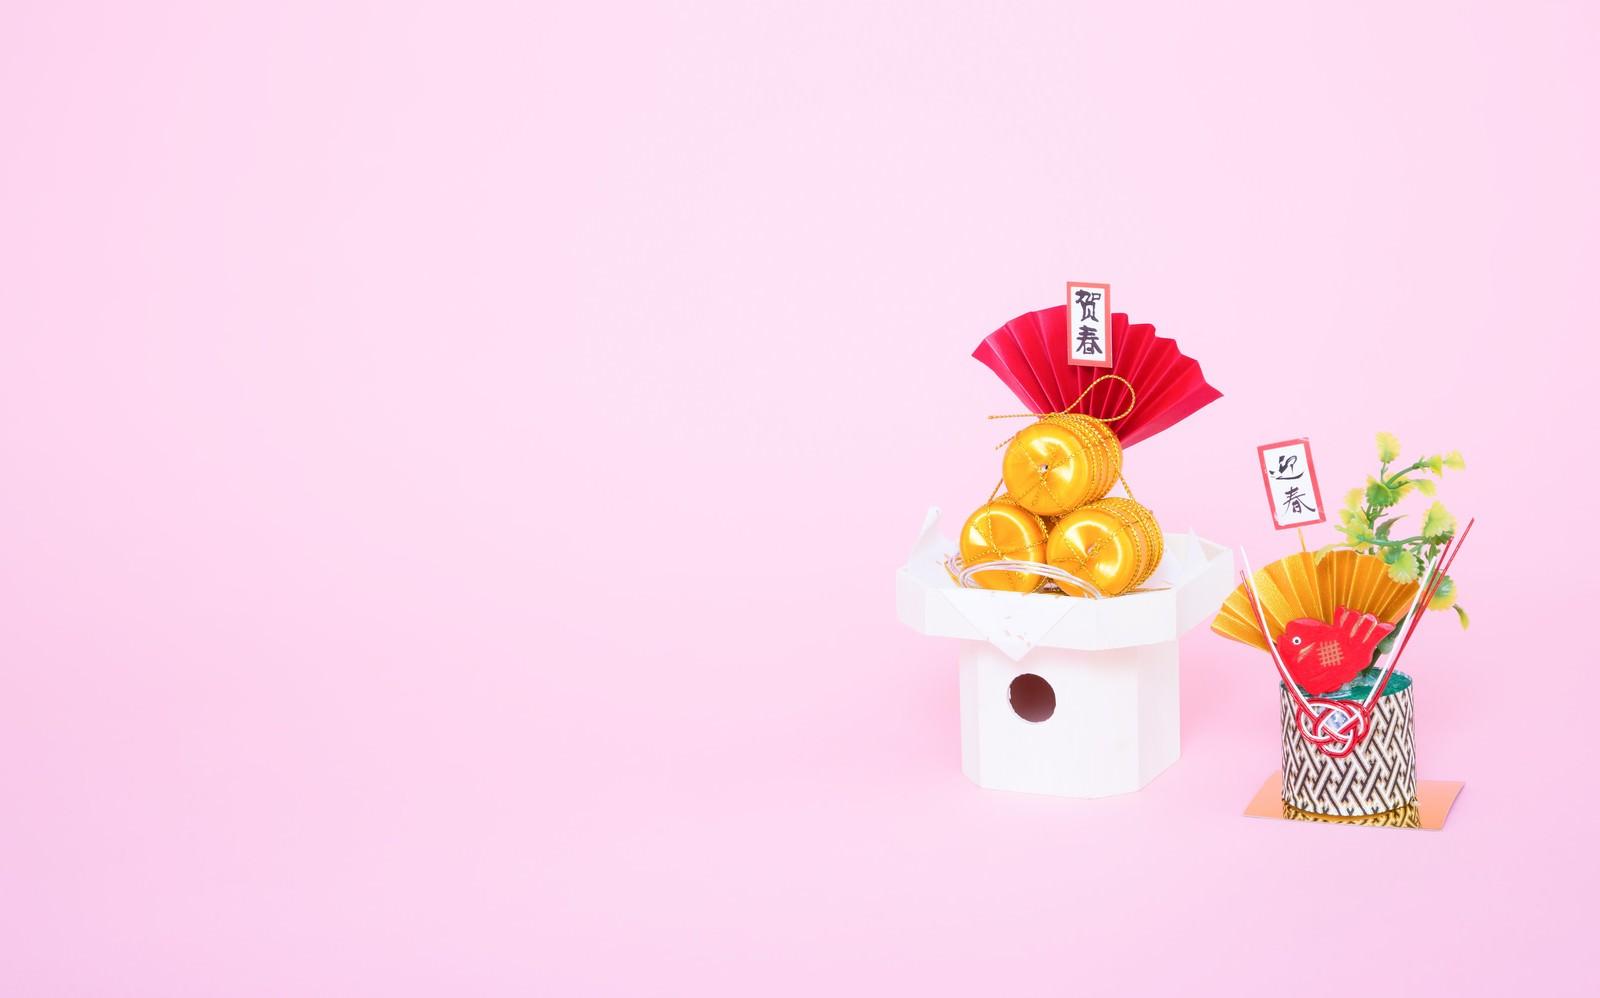 「《年賀状用》お正月用の飾り」の写真